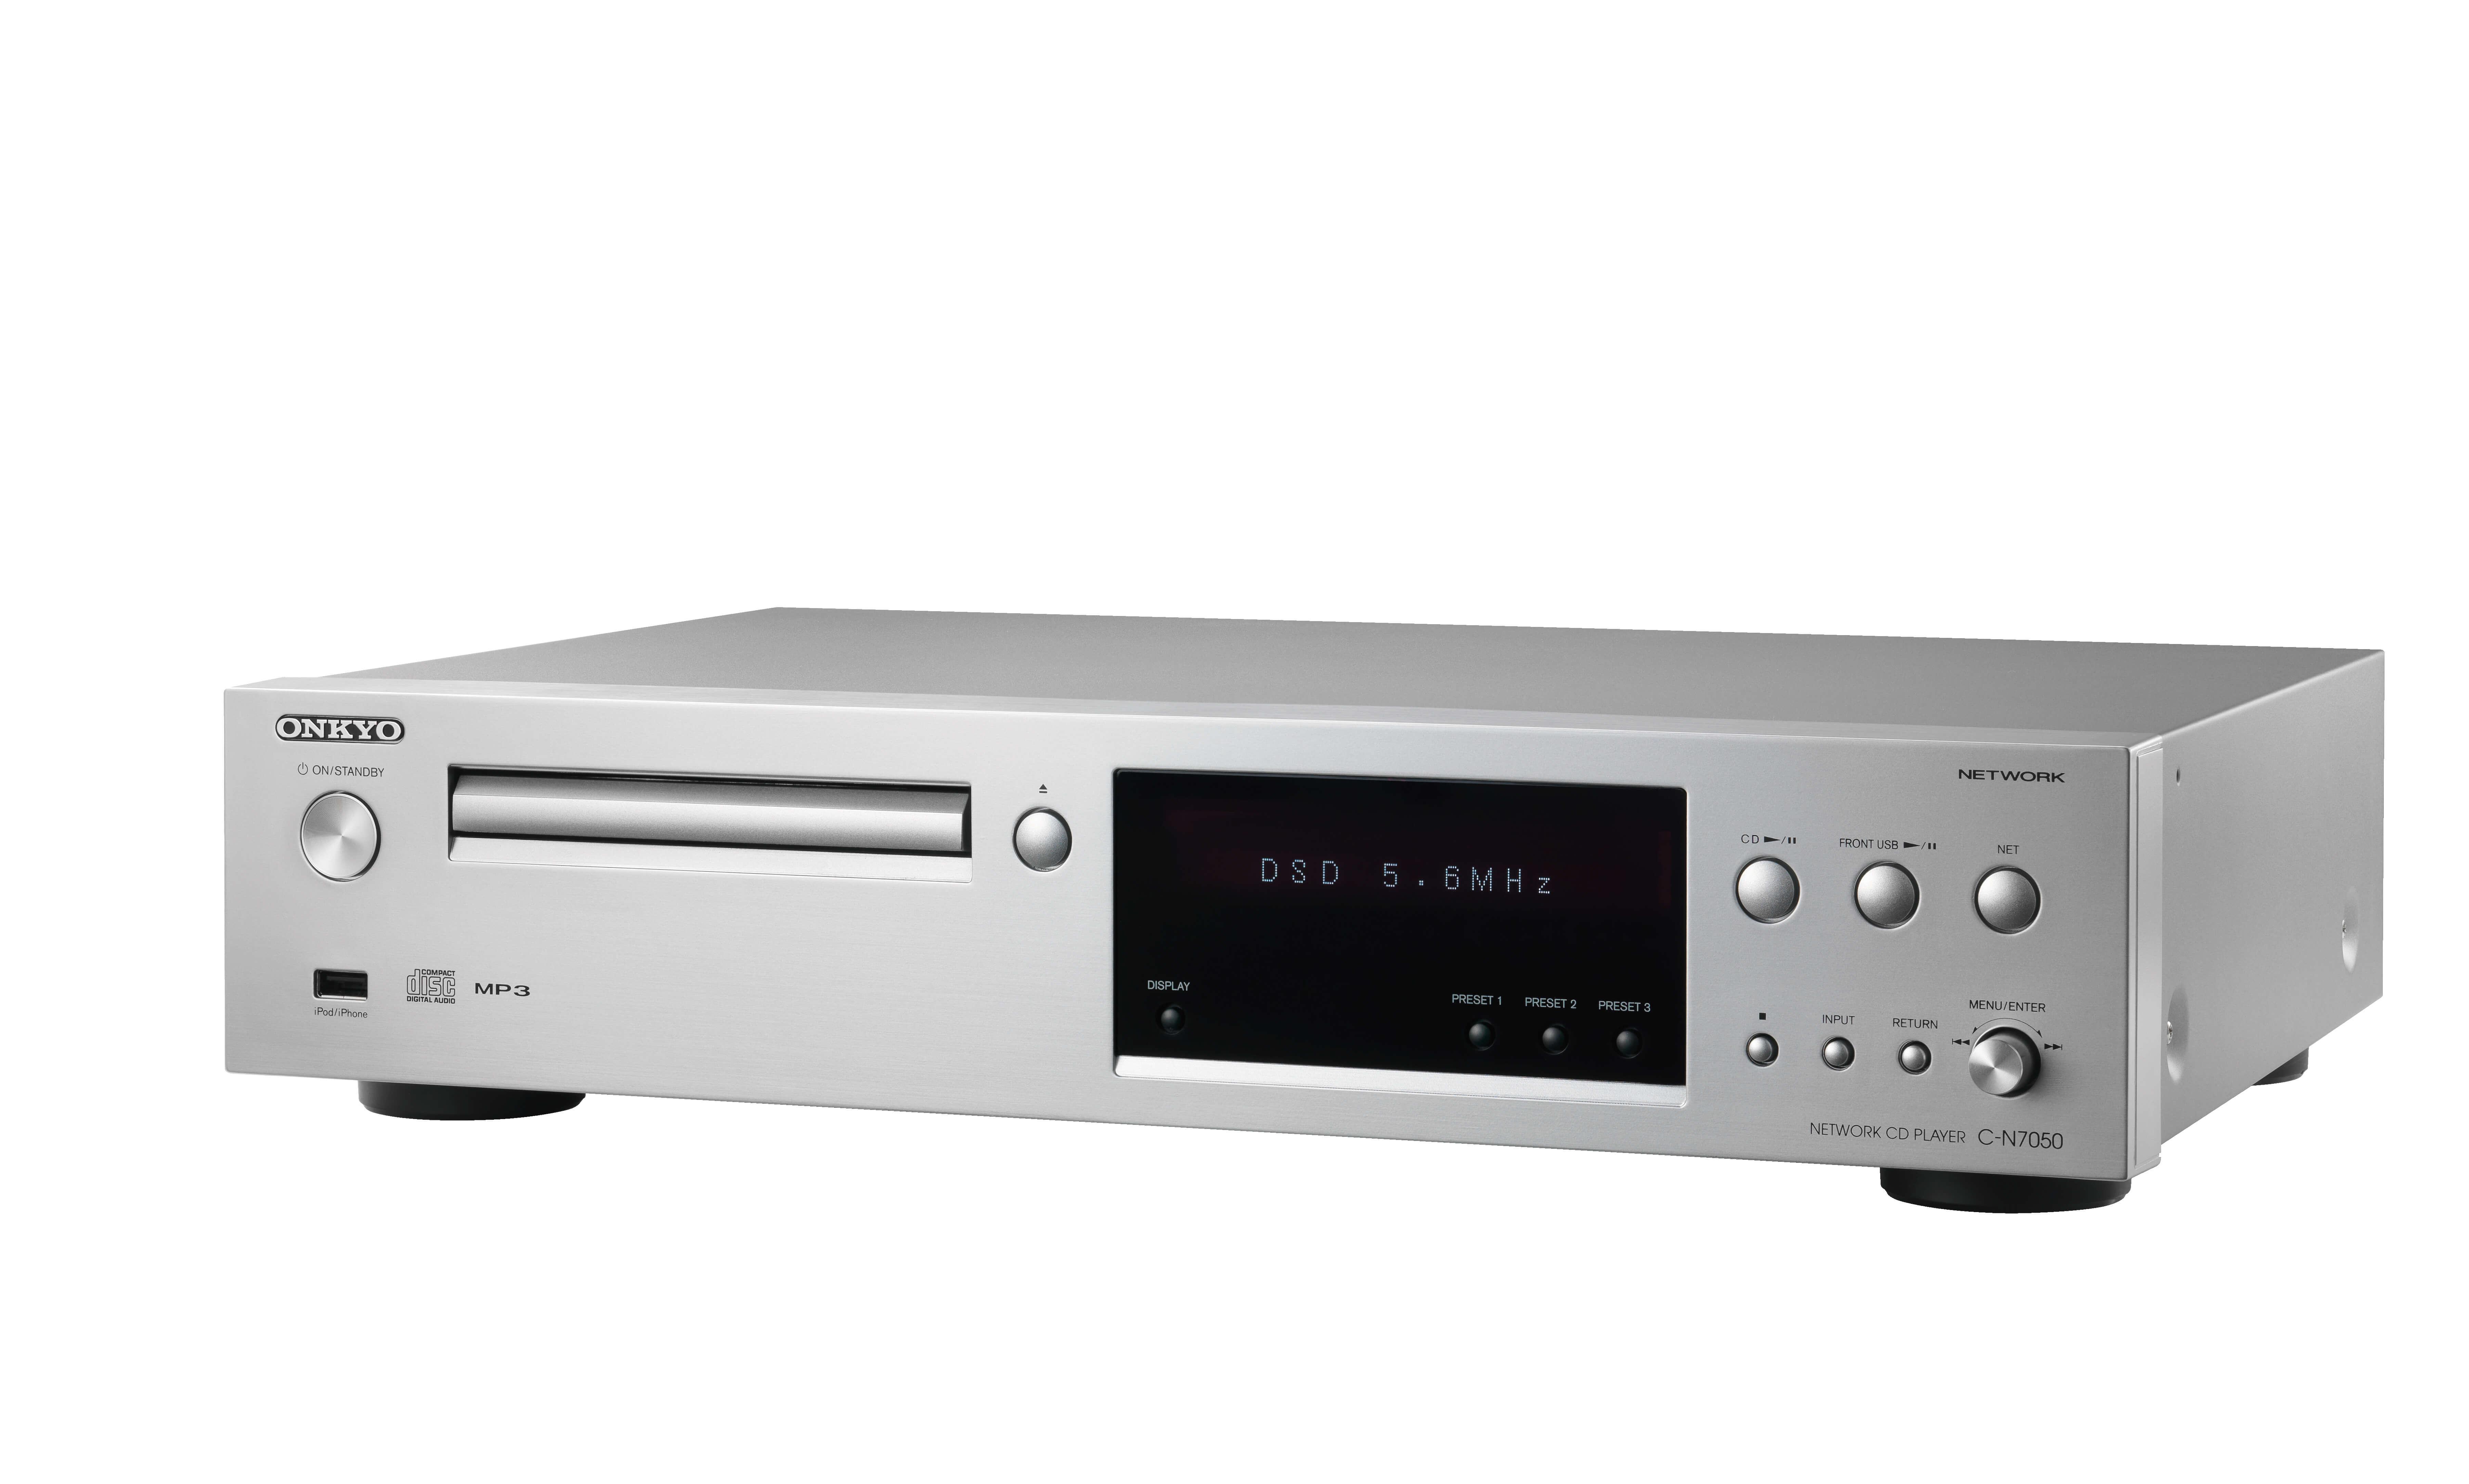 onkyo c n7050 network cd player hytek electronics. Black Bedroom Furniture Sets. Home Design Ideas